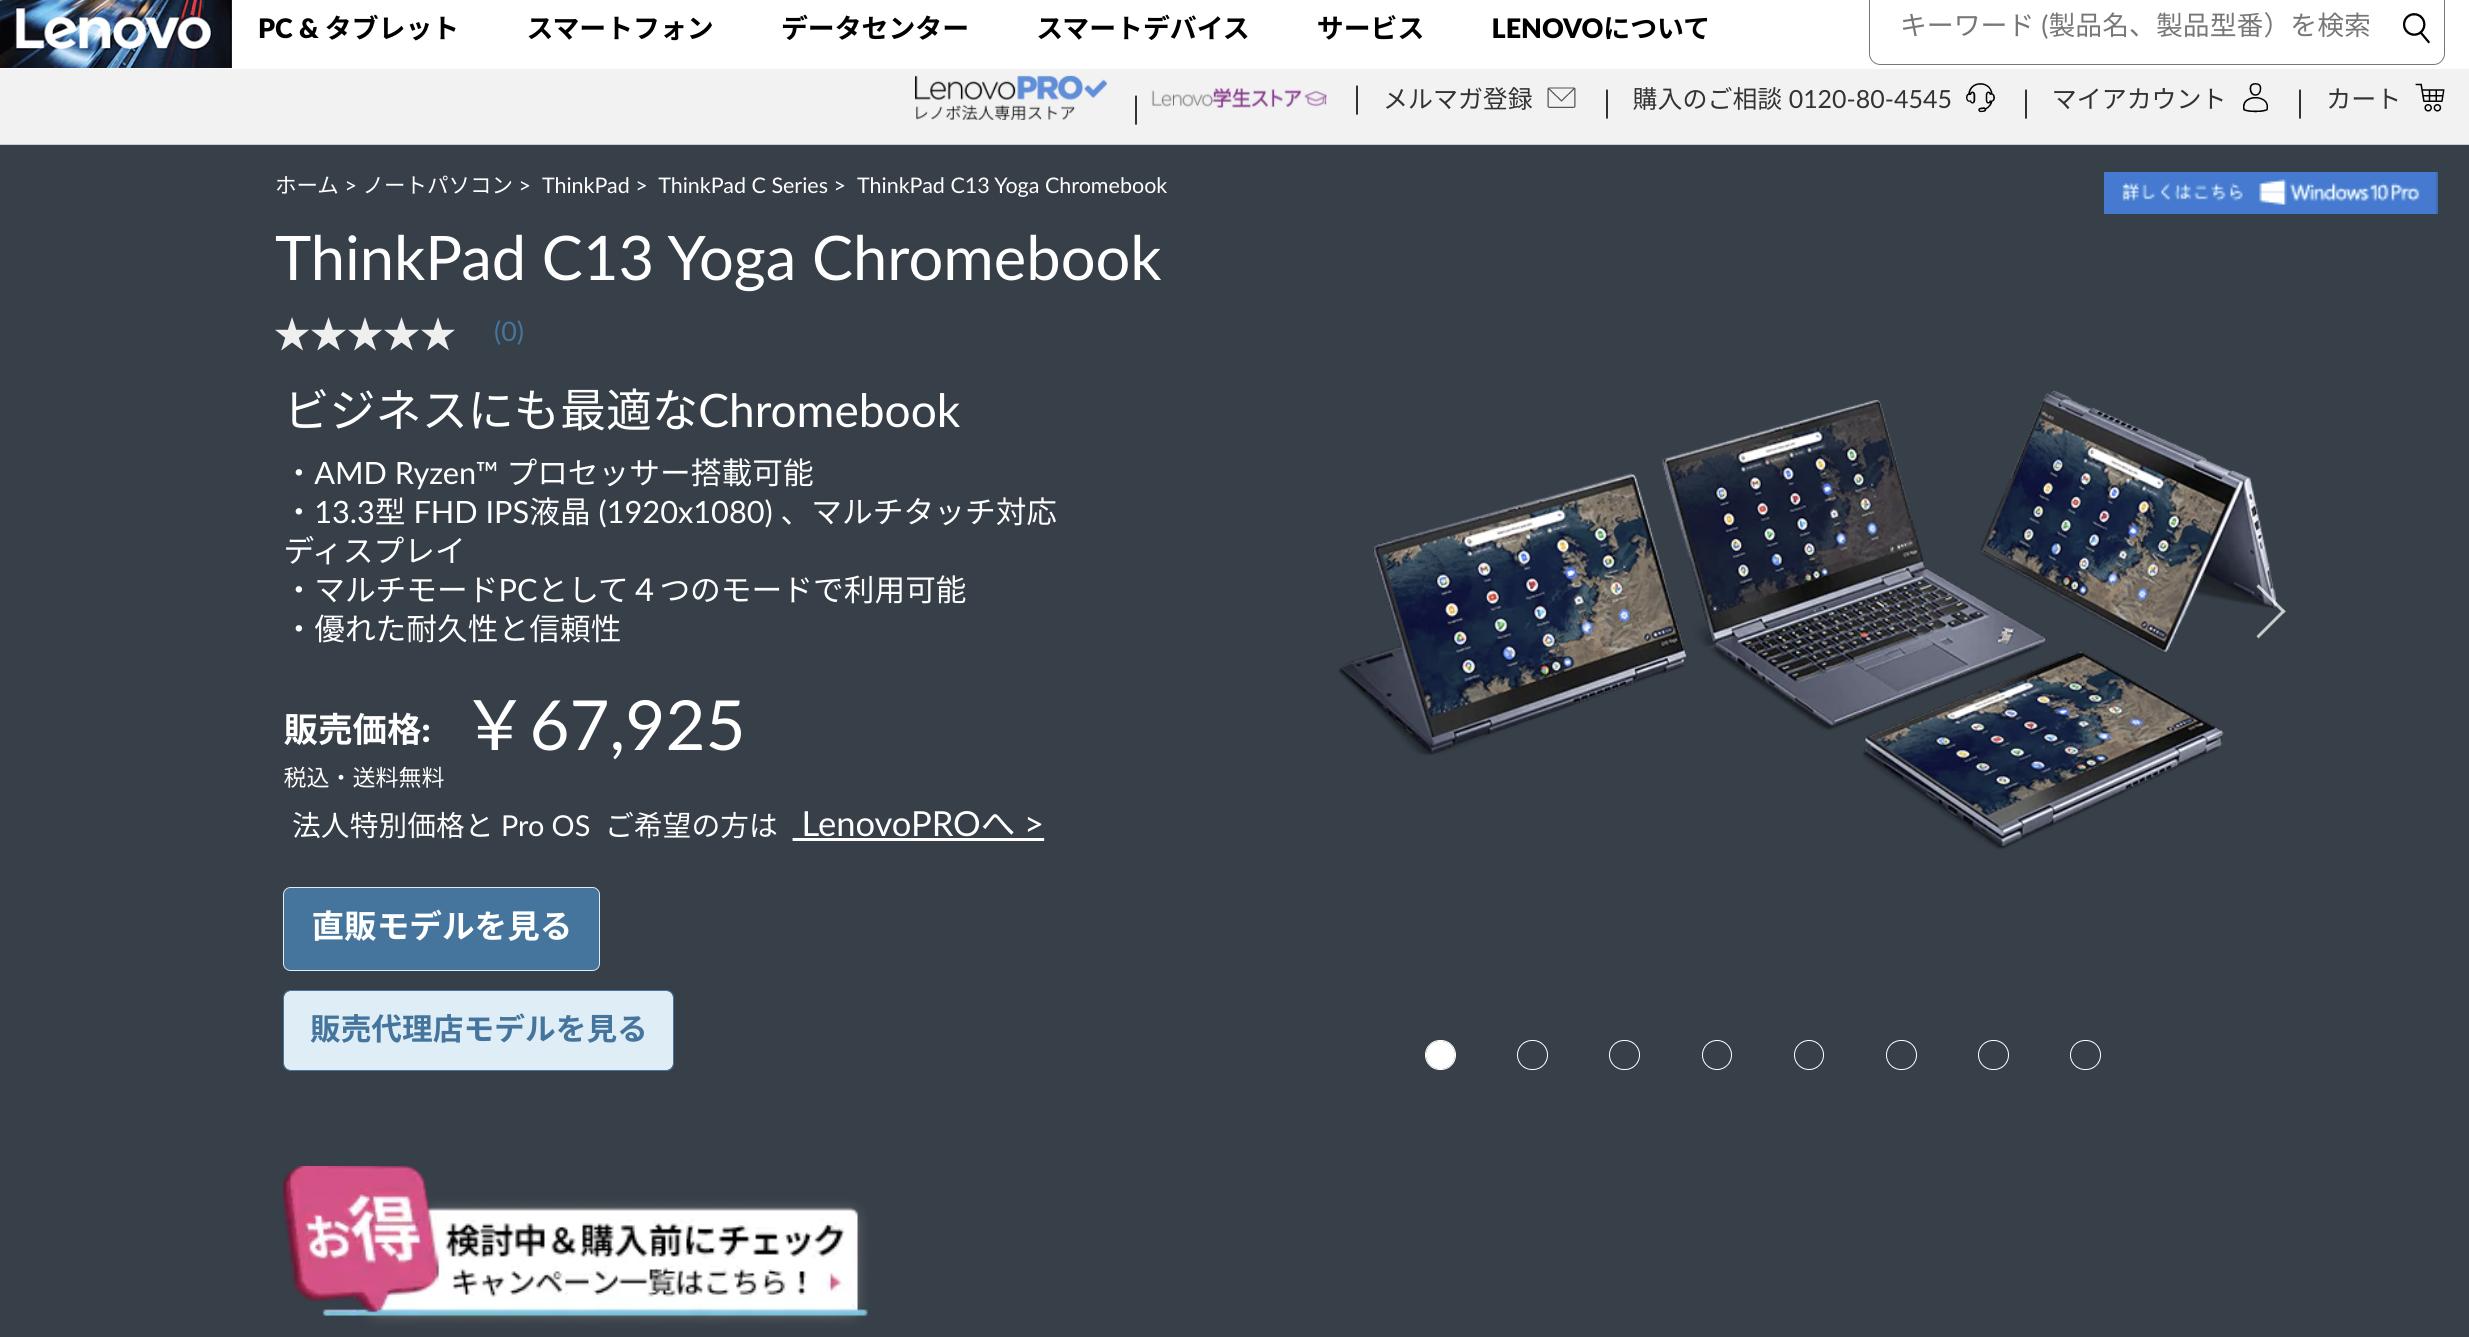 [かぶ] Lenovo ThinkPad C13 Yoga Chromebookが国内でもeクーポン適用可で販売開始。最小構成で7万円弱から。